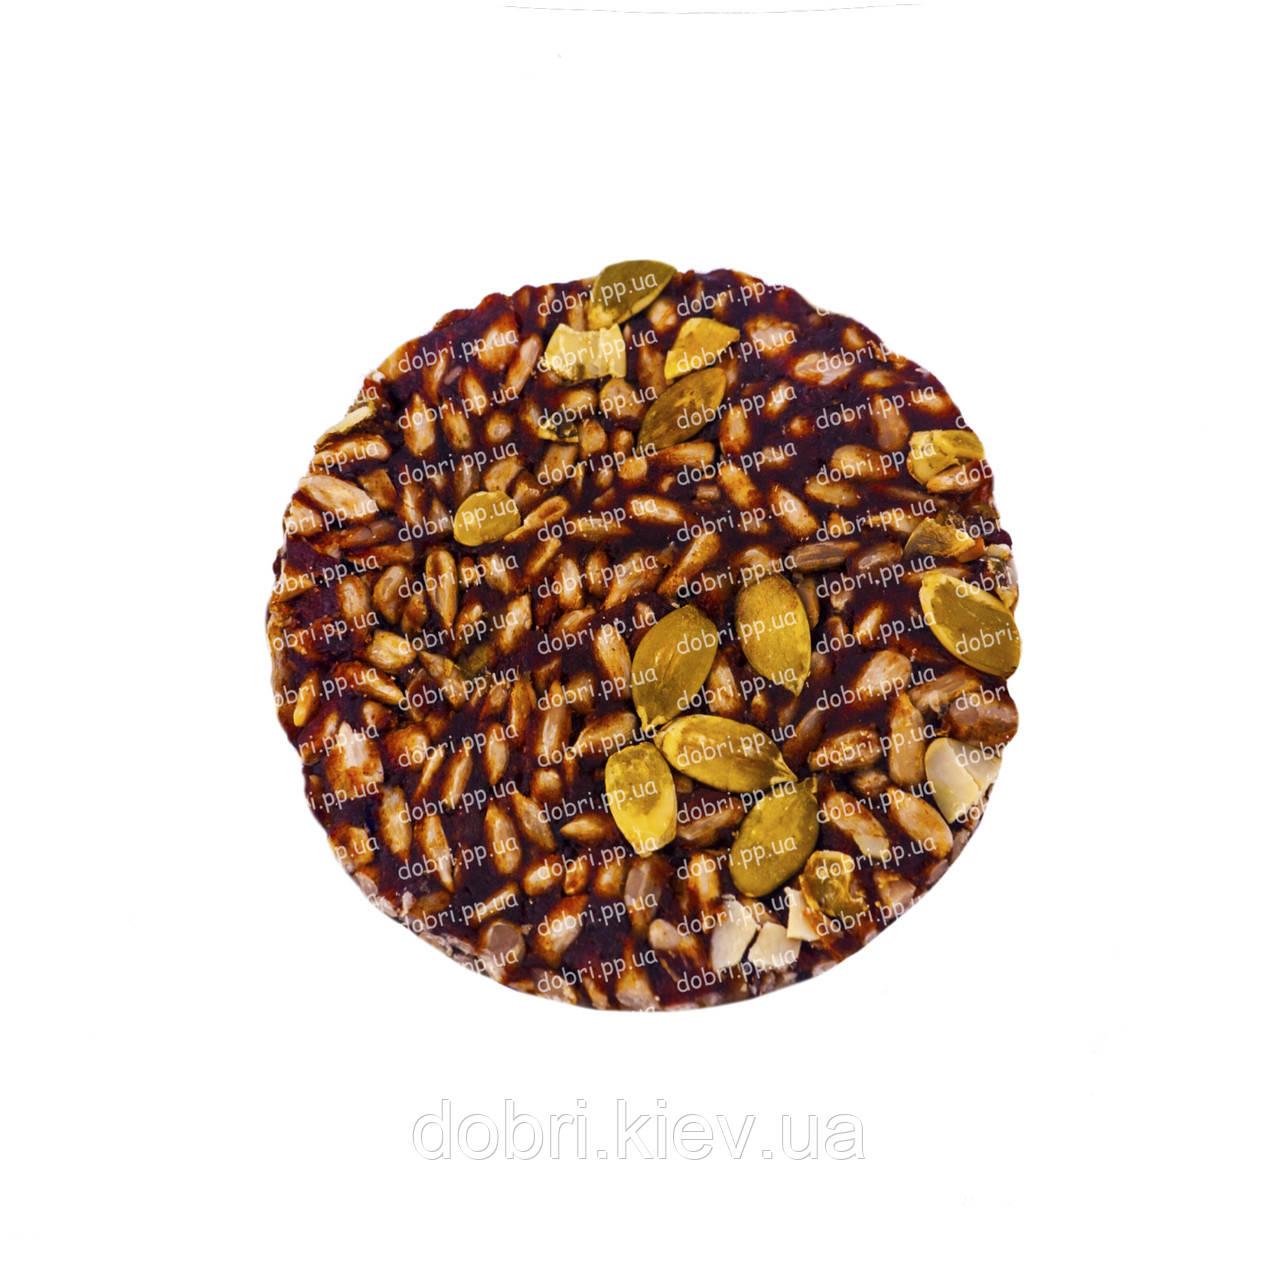 Козинаки с семечками подсолнечника и тыквы (100гр)